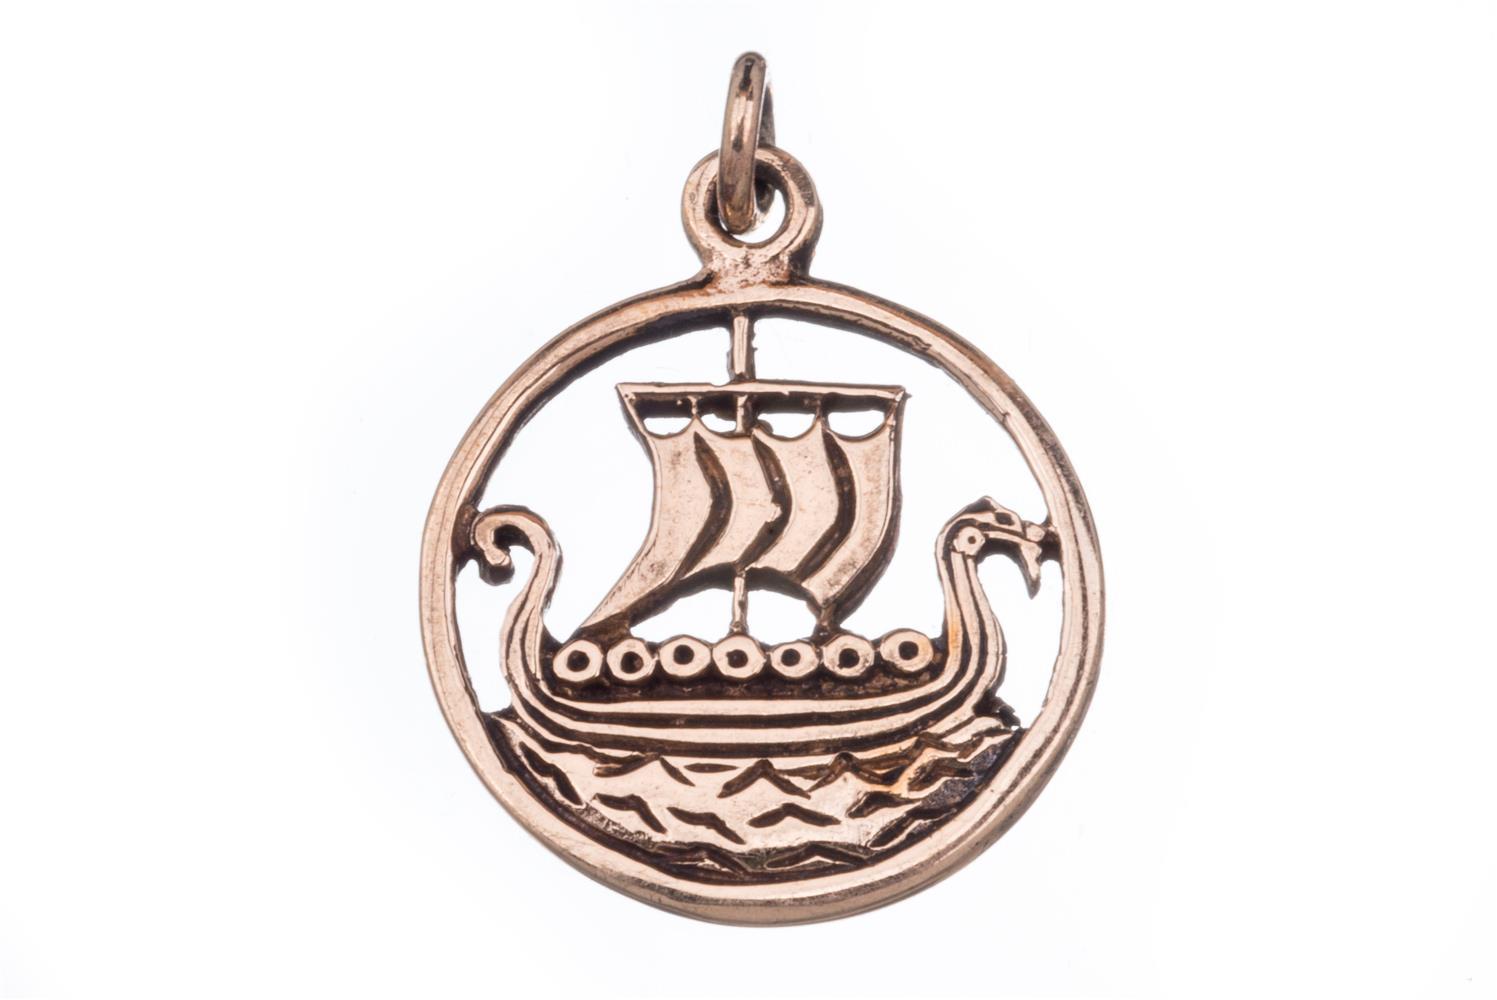 Wikinger Anhänger 'Svold Drachenschiff' aus Bronze Mittelalter, Larp, Reenactment Schmuck